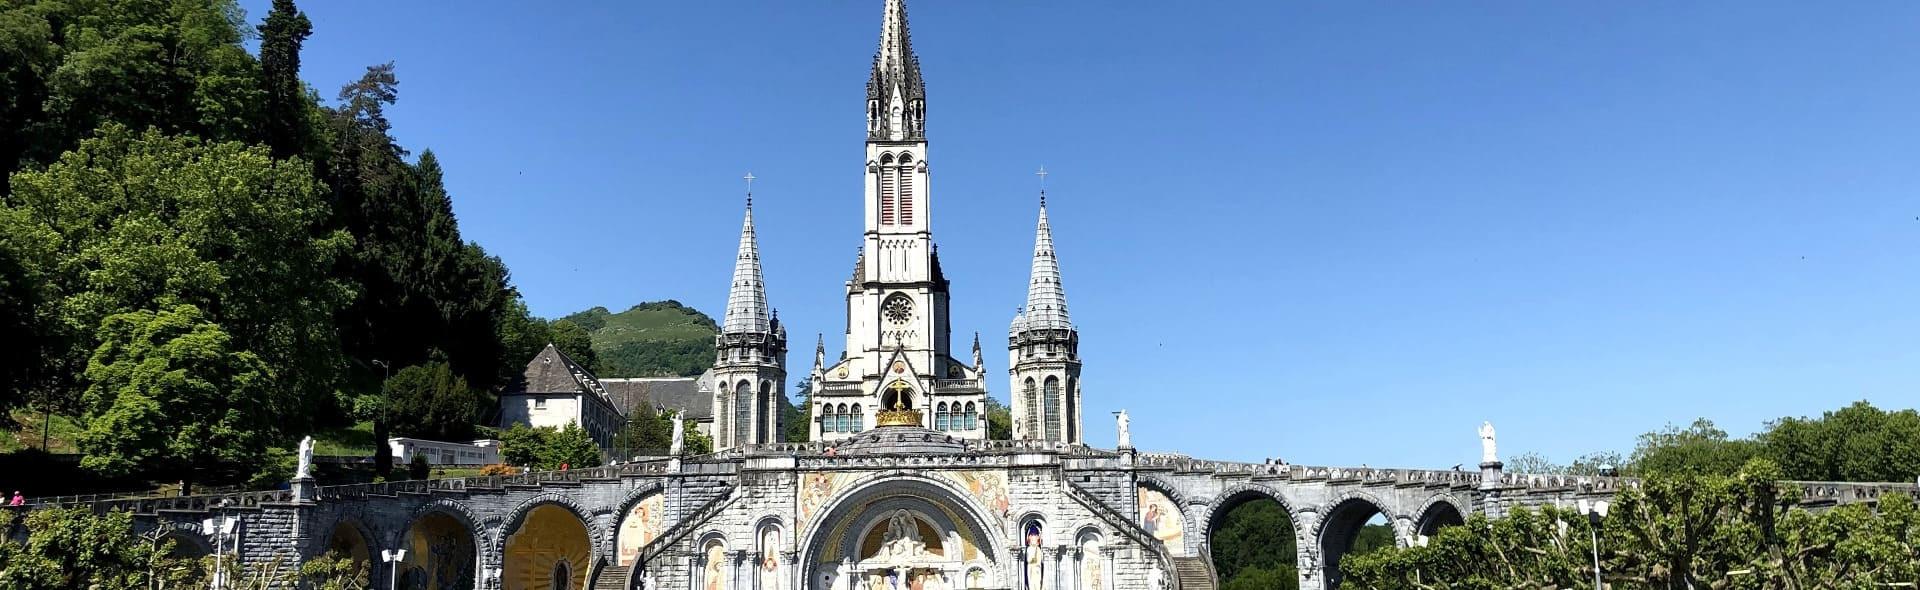 Viaggio a Lourdes in Aereo da Roma 2 Giugno